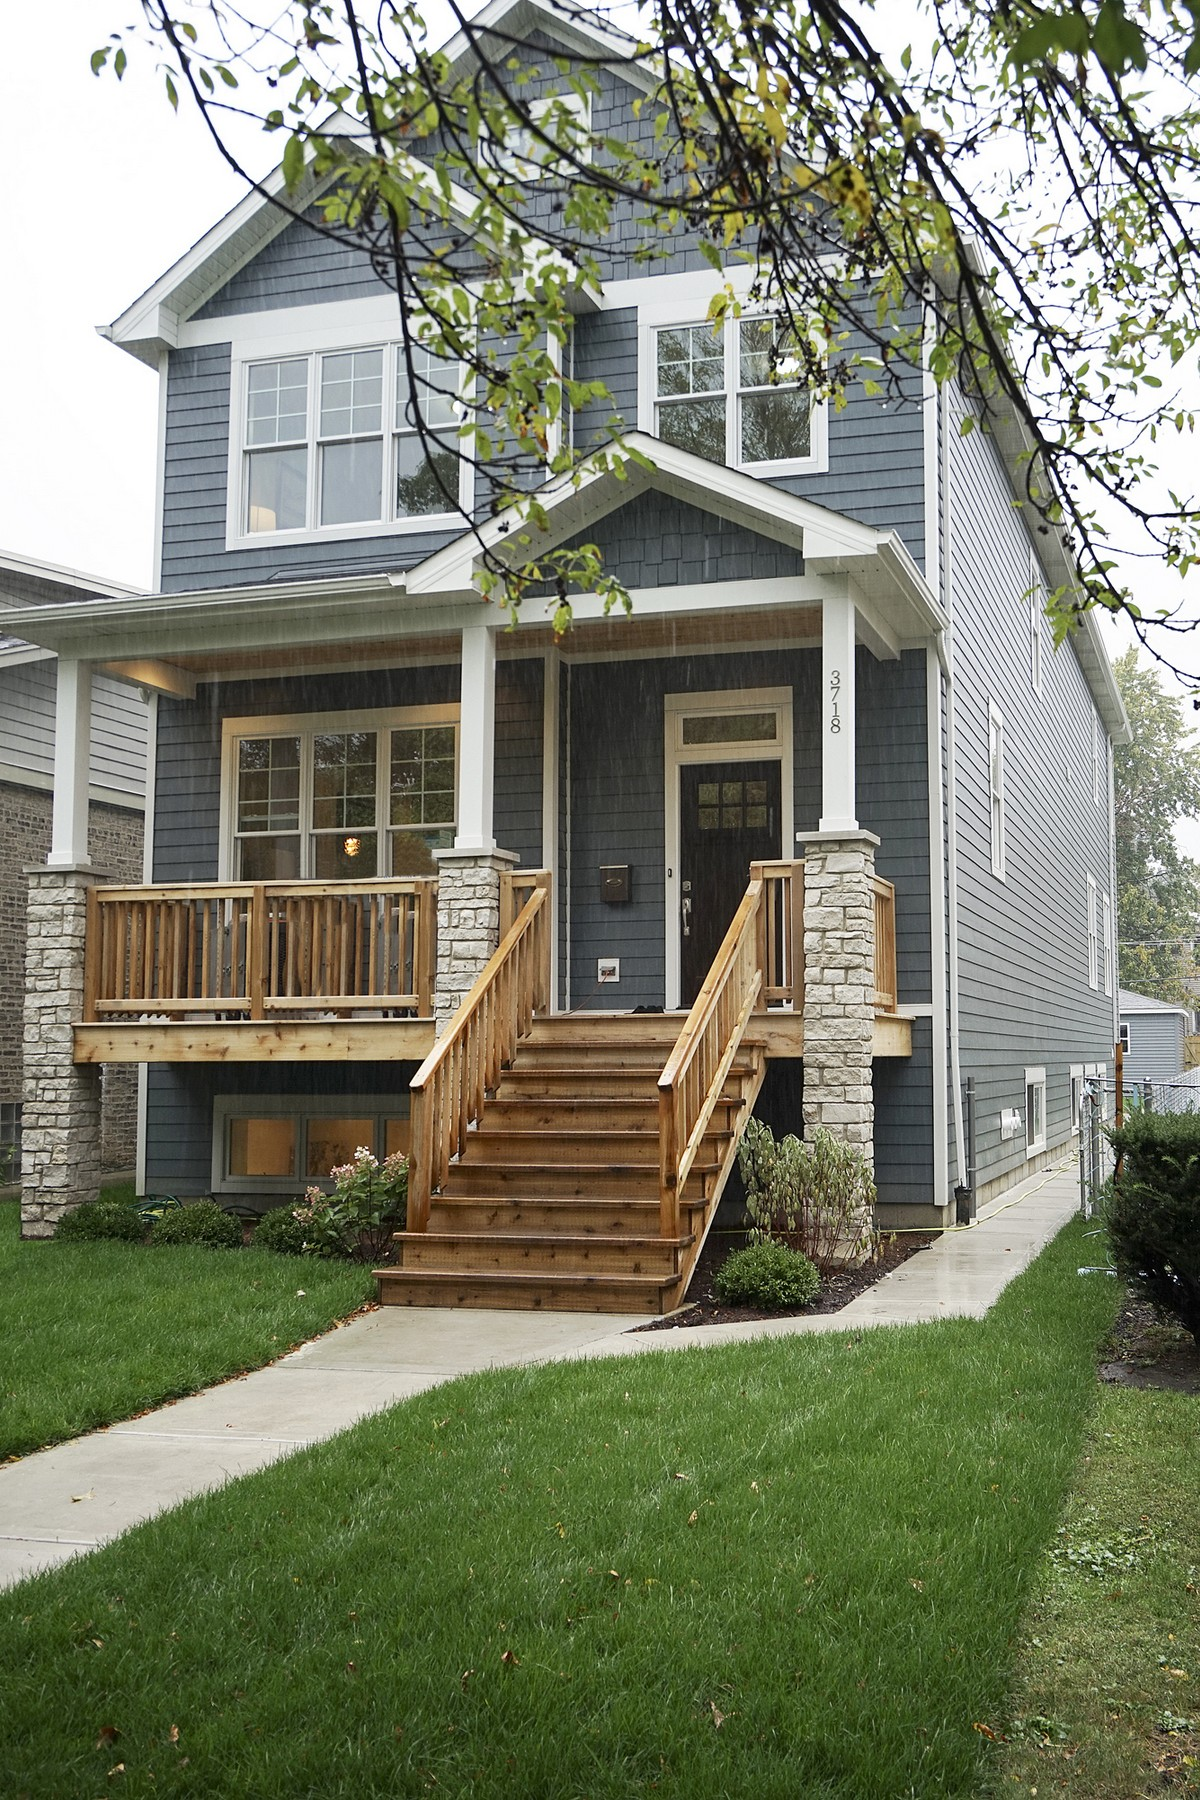 独户住宅 为 销售 在 Pre-Construction Opportunity 3718 N Kedvale Avenue 芝加哥, 伊利诺斯州, 60641 美国